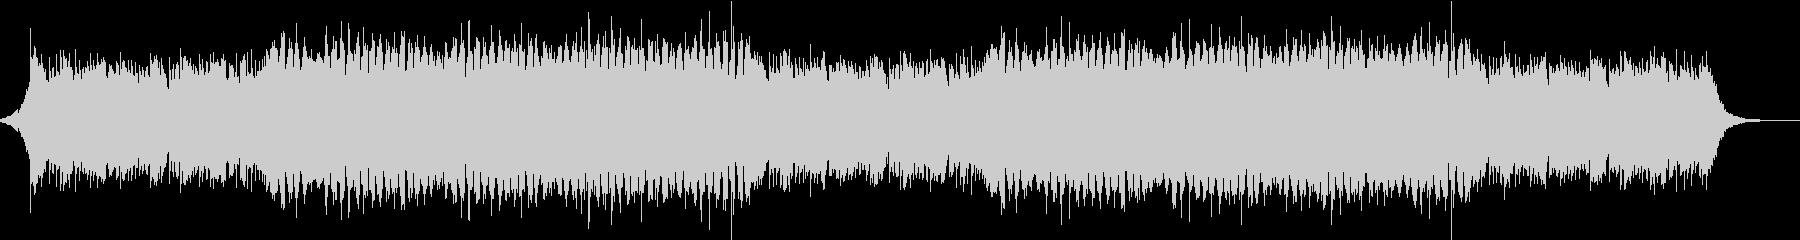 ピアノ・都会・感動的・明るいBGMの未再生の波形